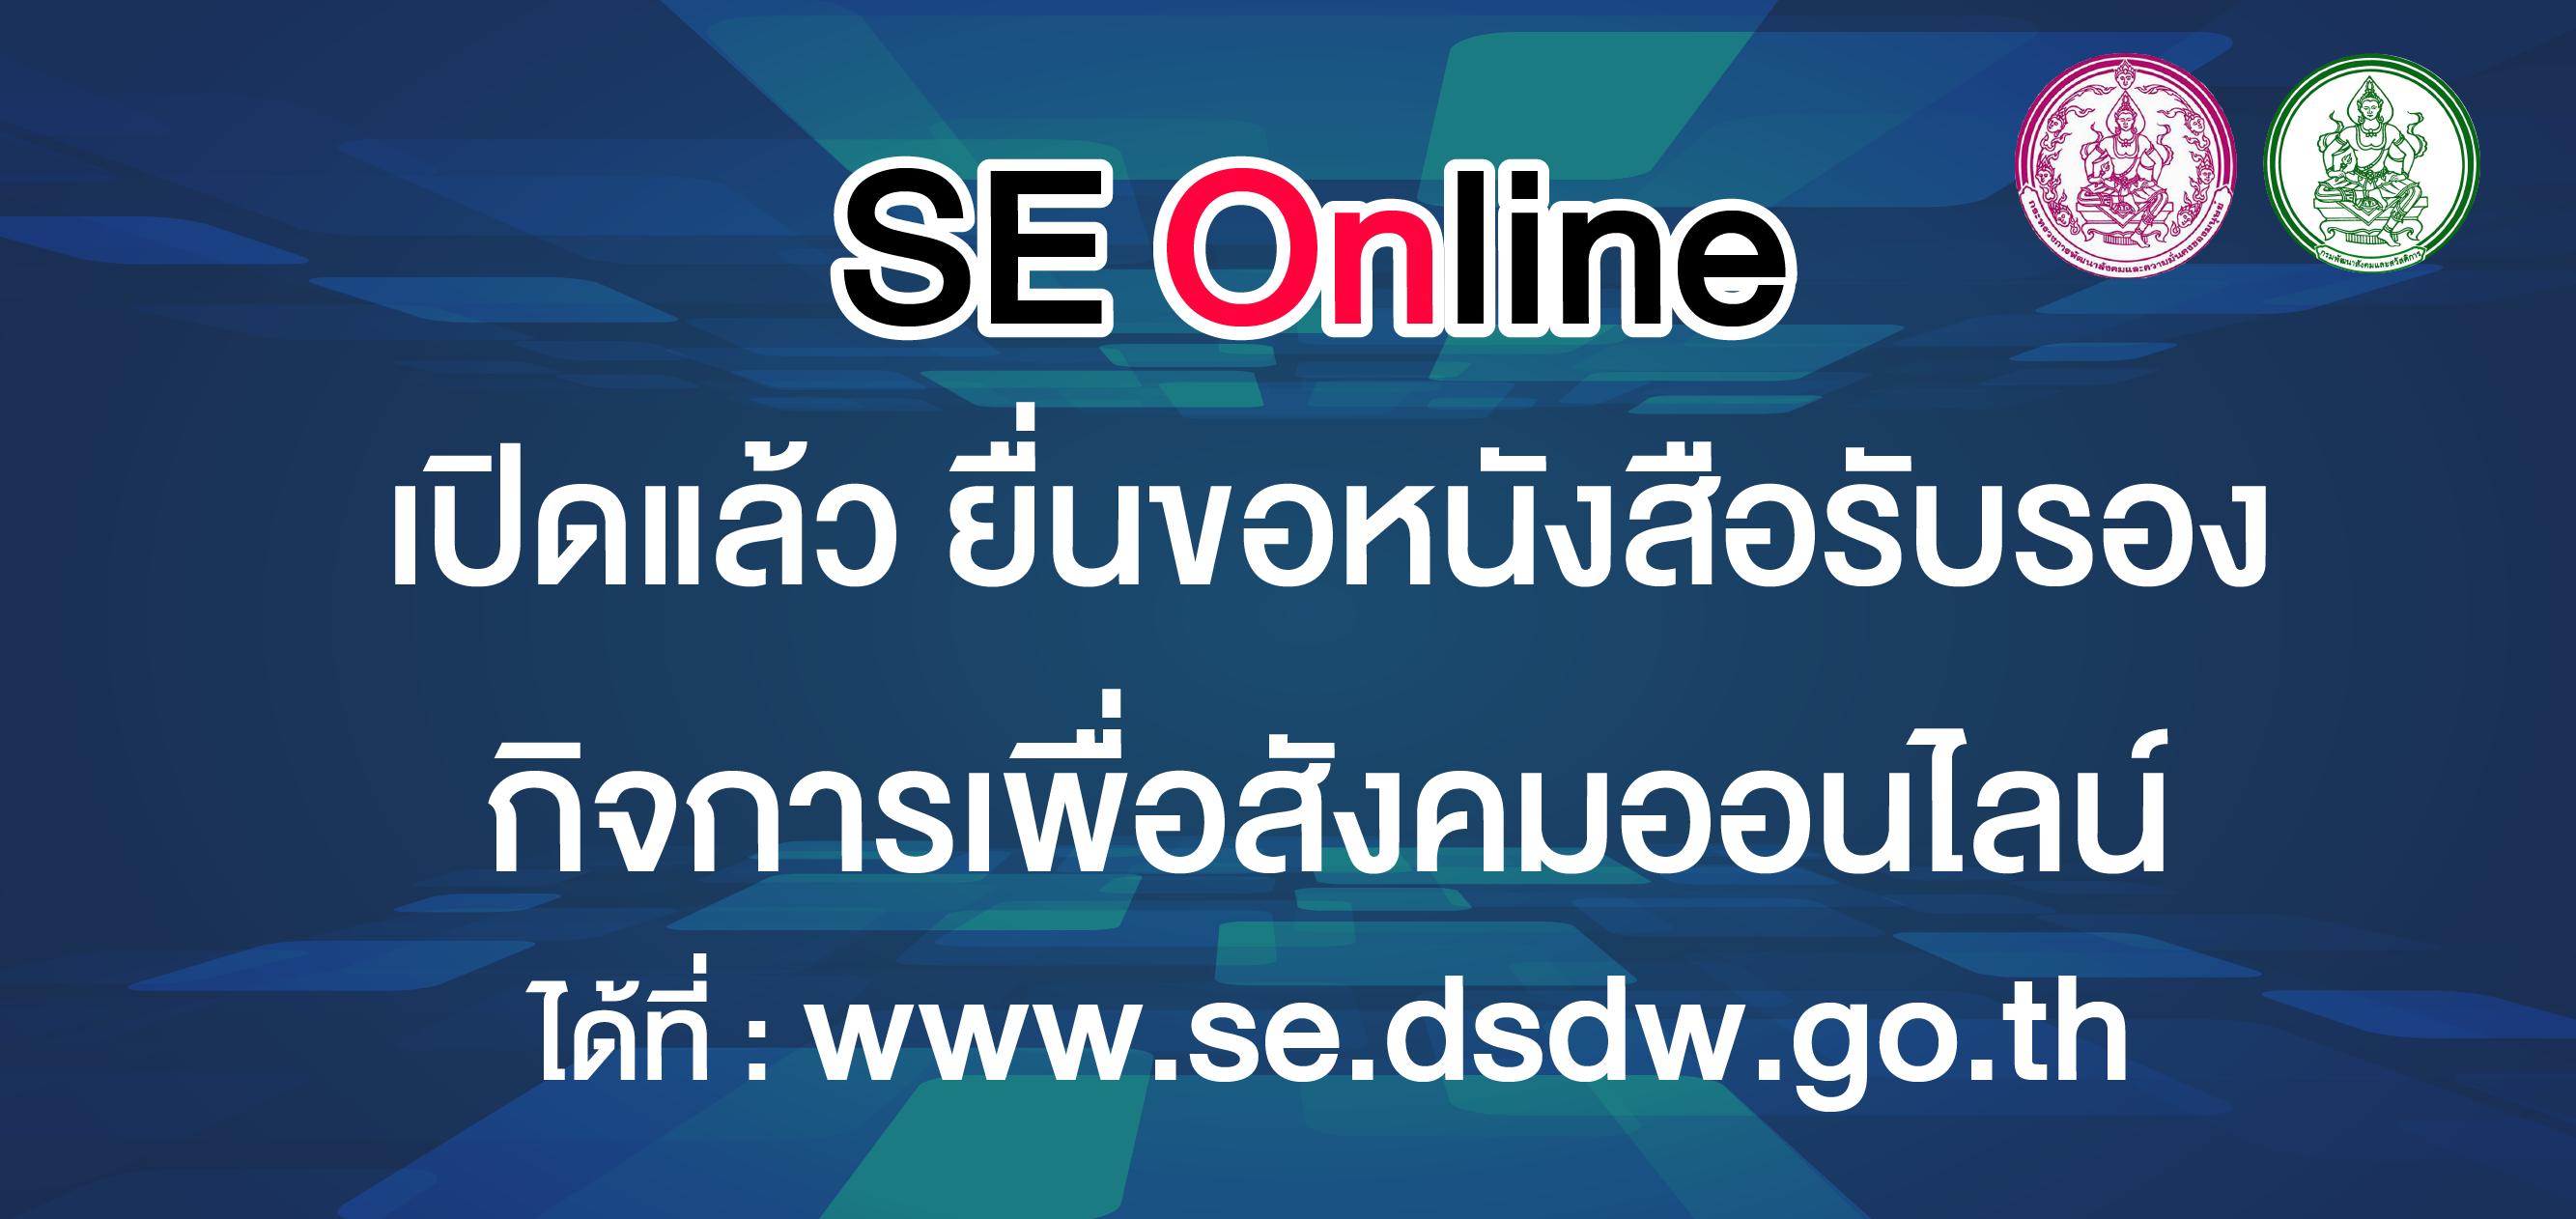 SE Online!